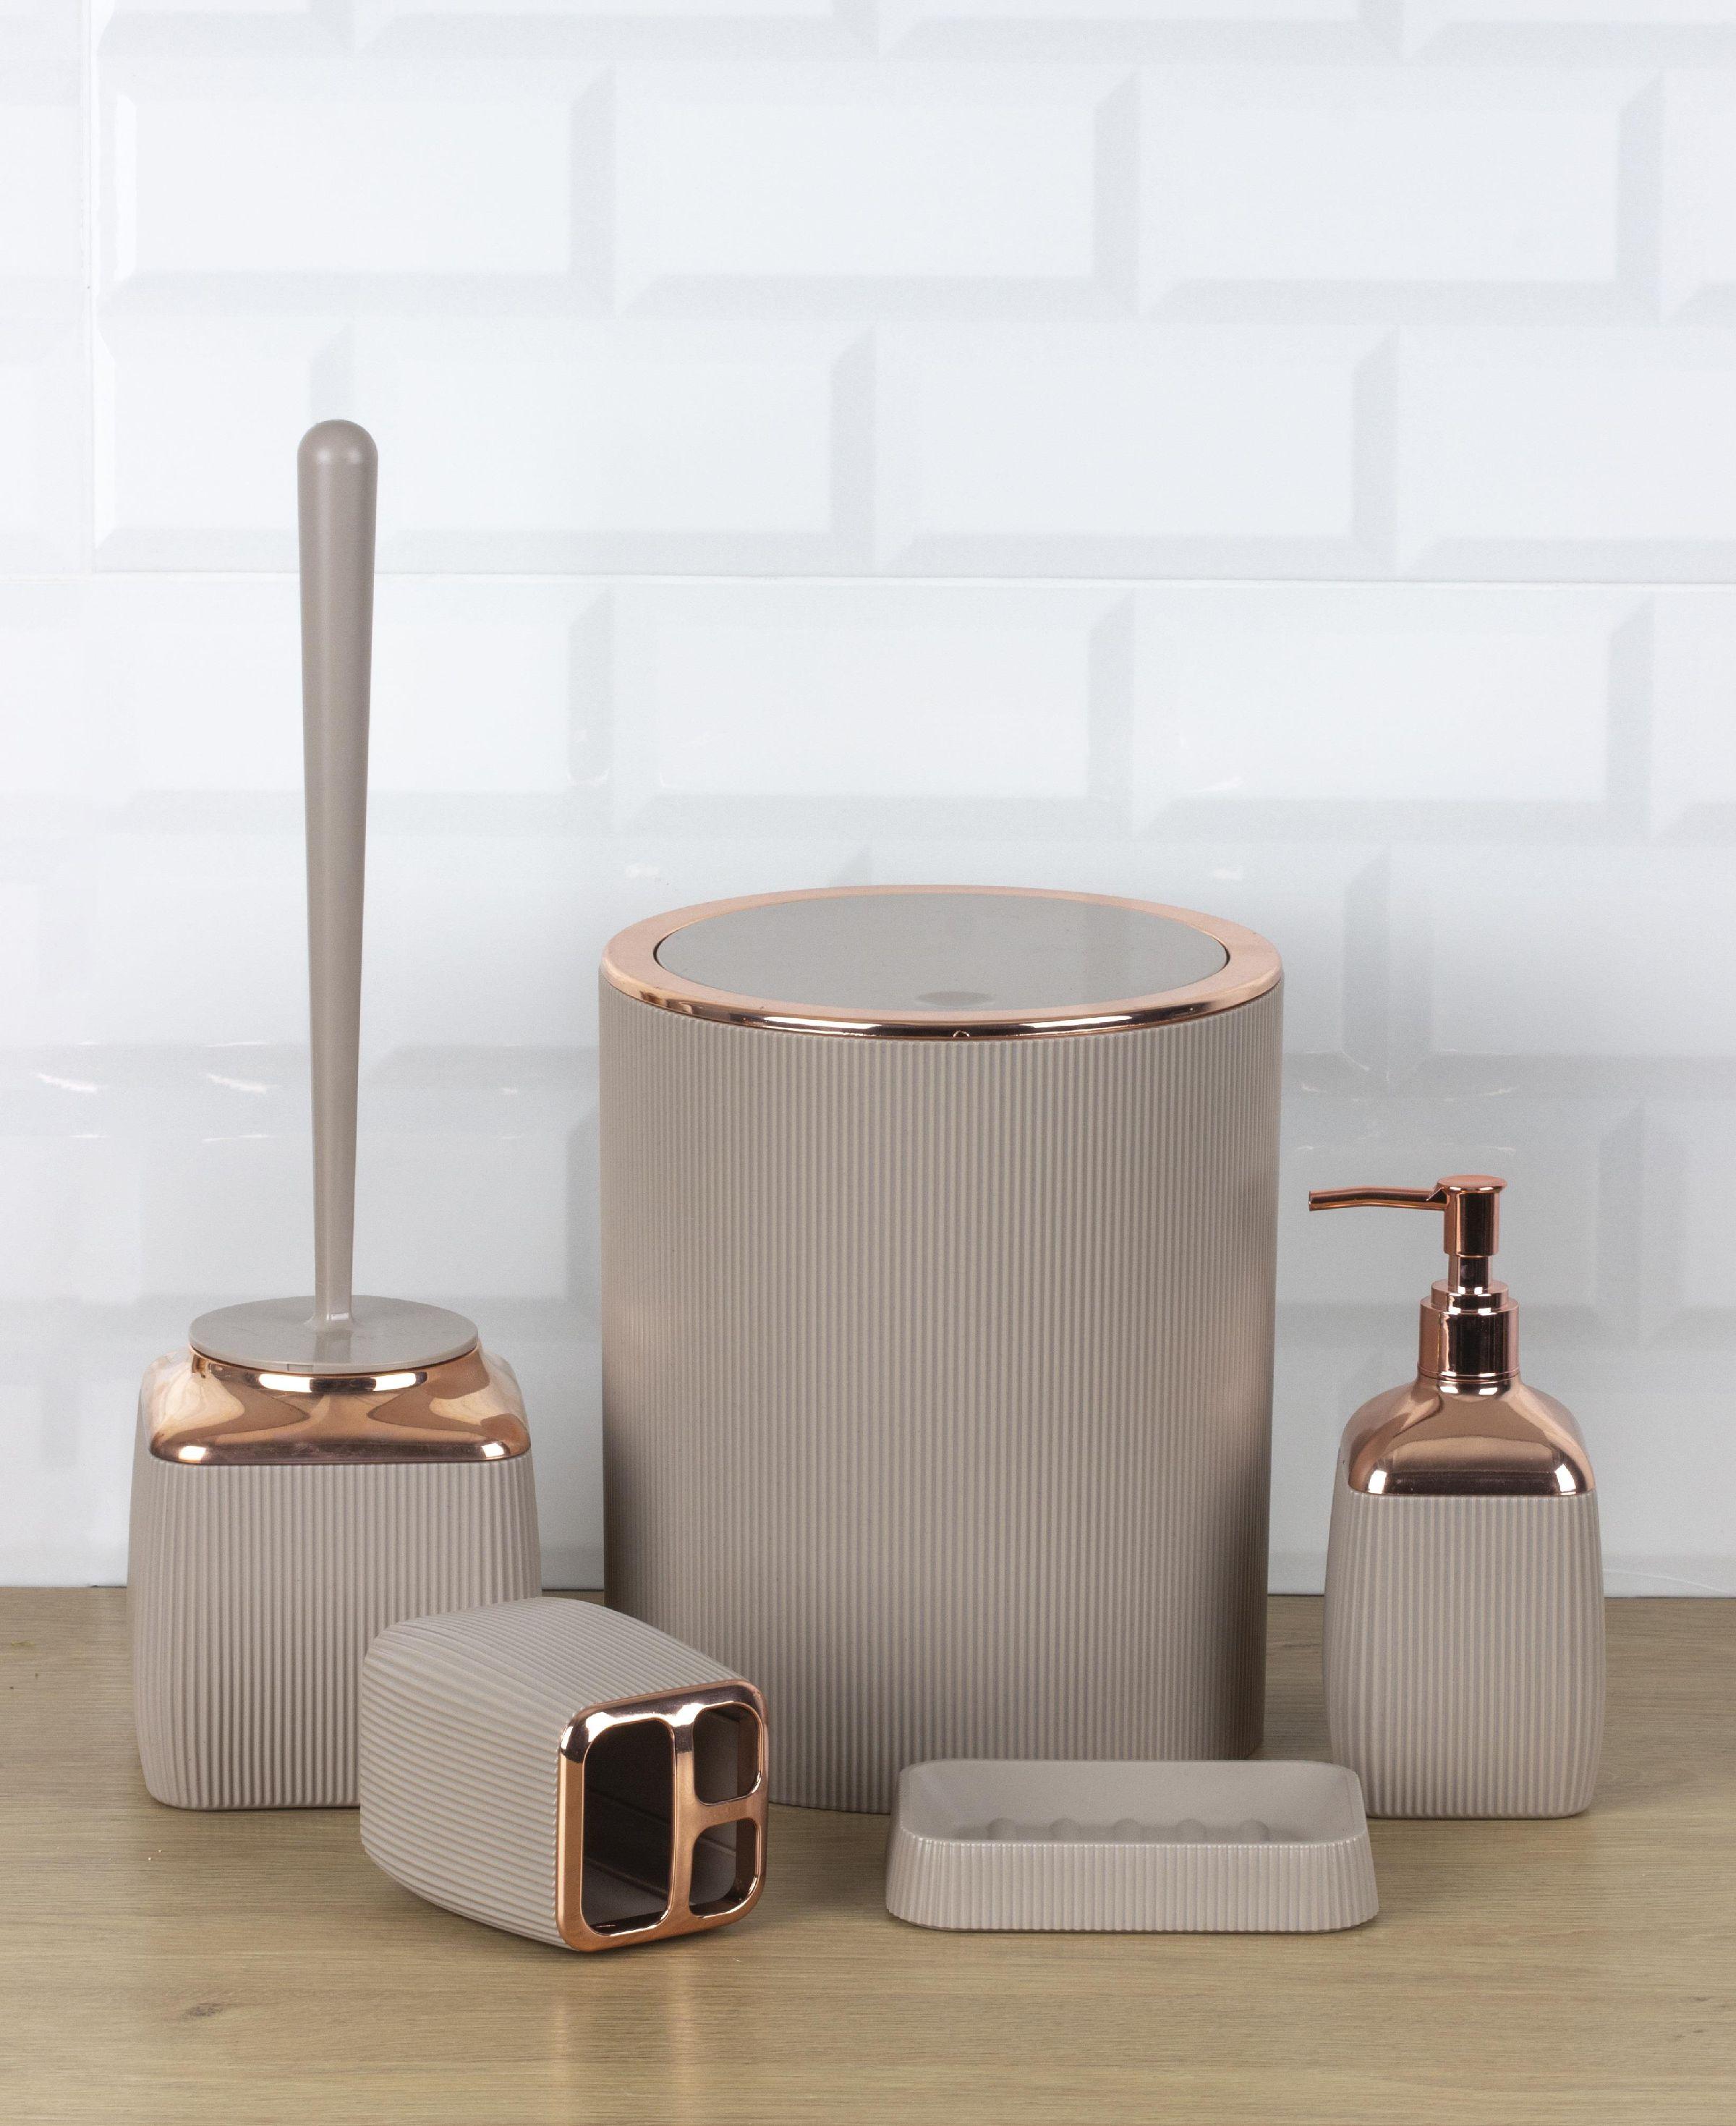 OceanLand Striped Rose Series 5 Pcs Bathroom Set Hard Plastic Toothbrush Holder Soap Dispenser Toilet Brush Dustbin enlarge